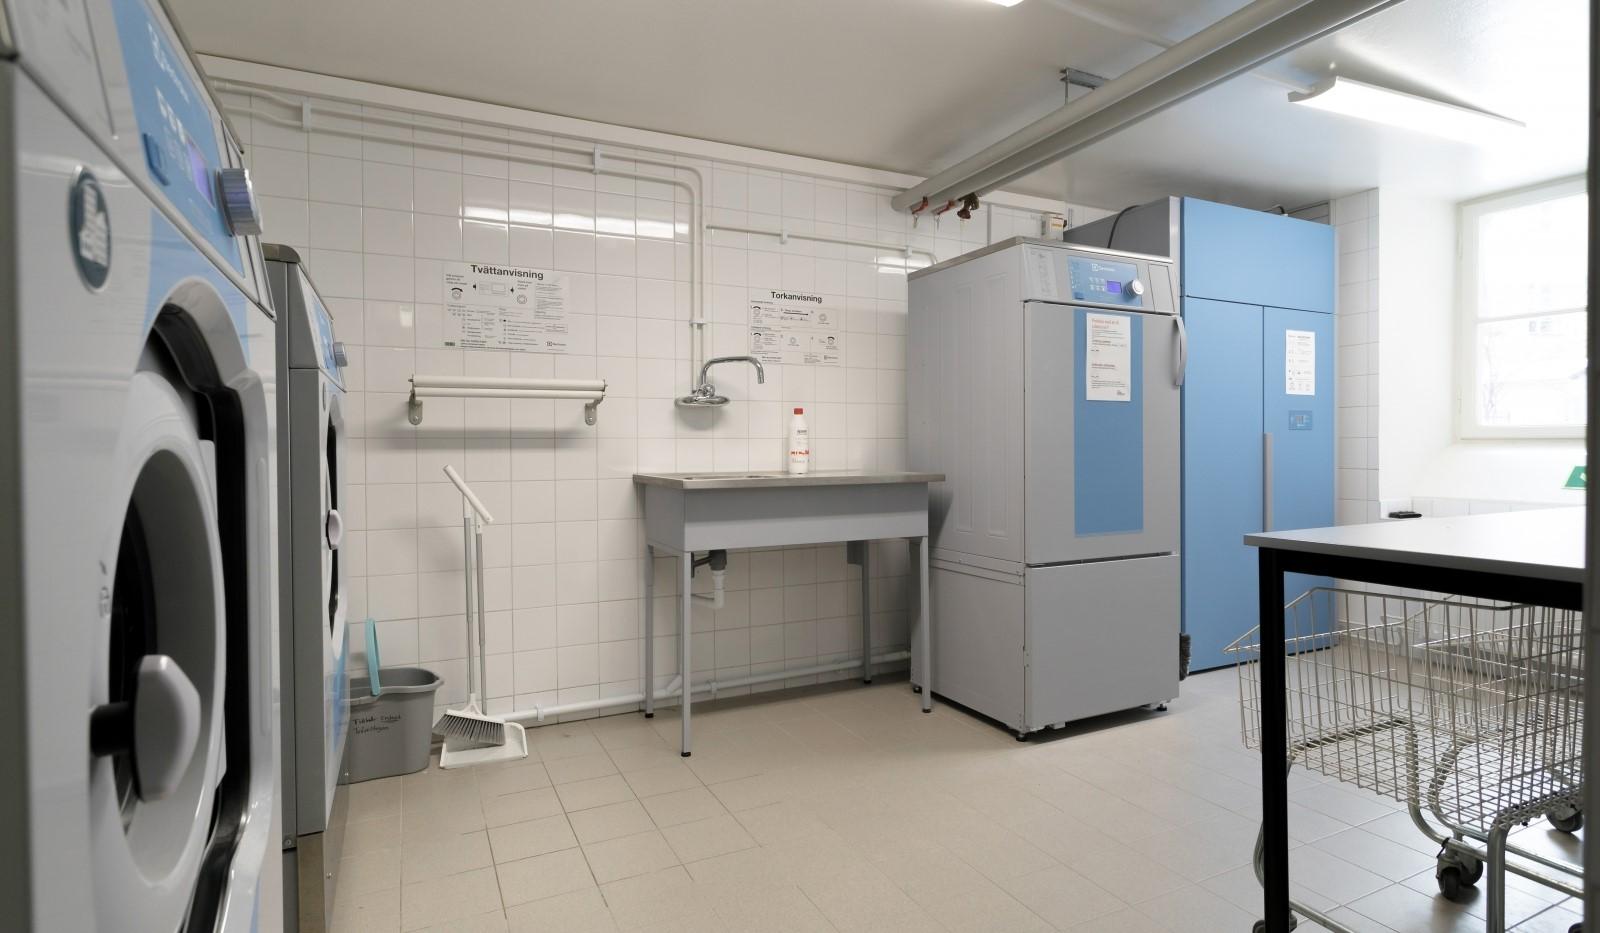 Folkskolegatan 20 - Föreningens tvättstuga renoverad 2019